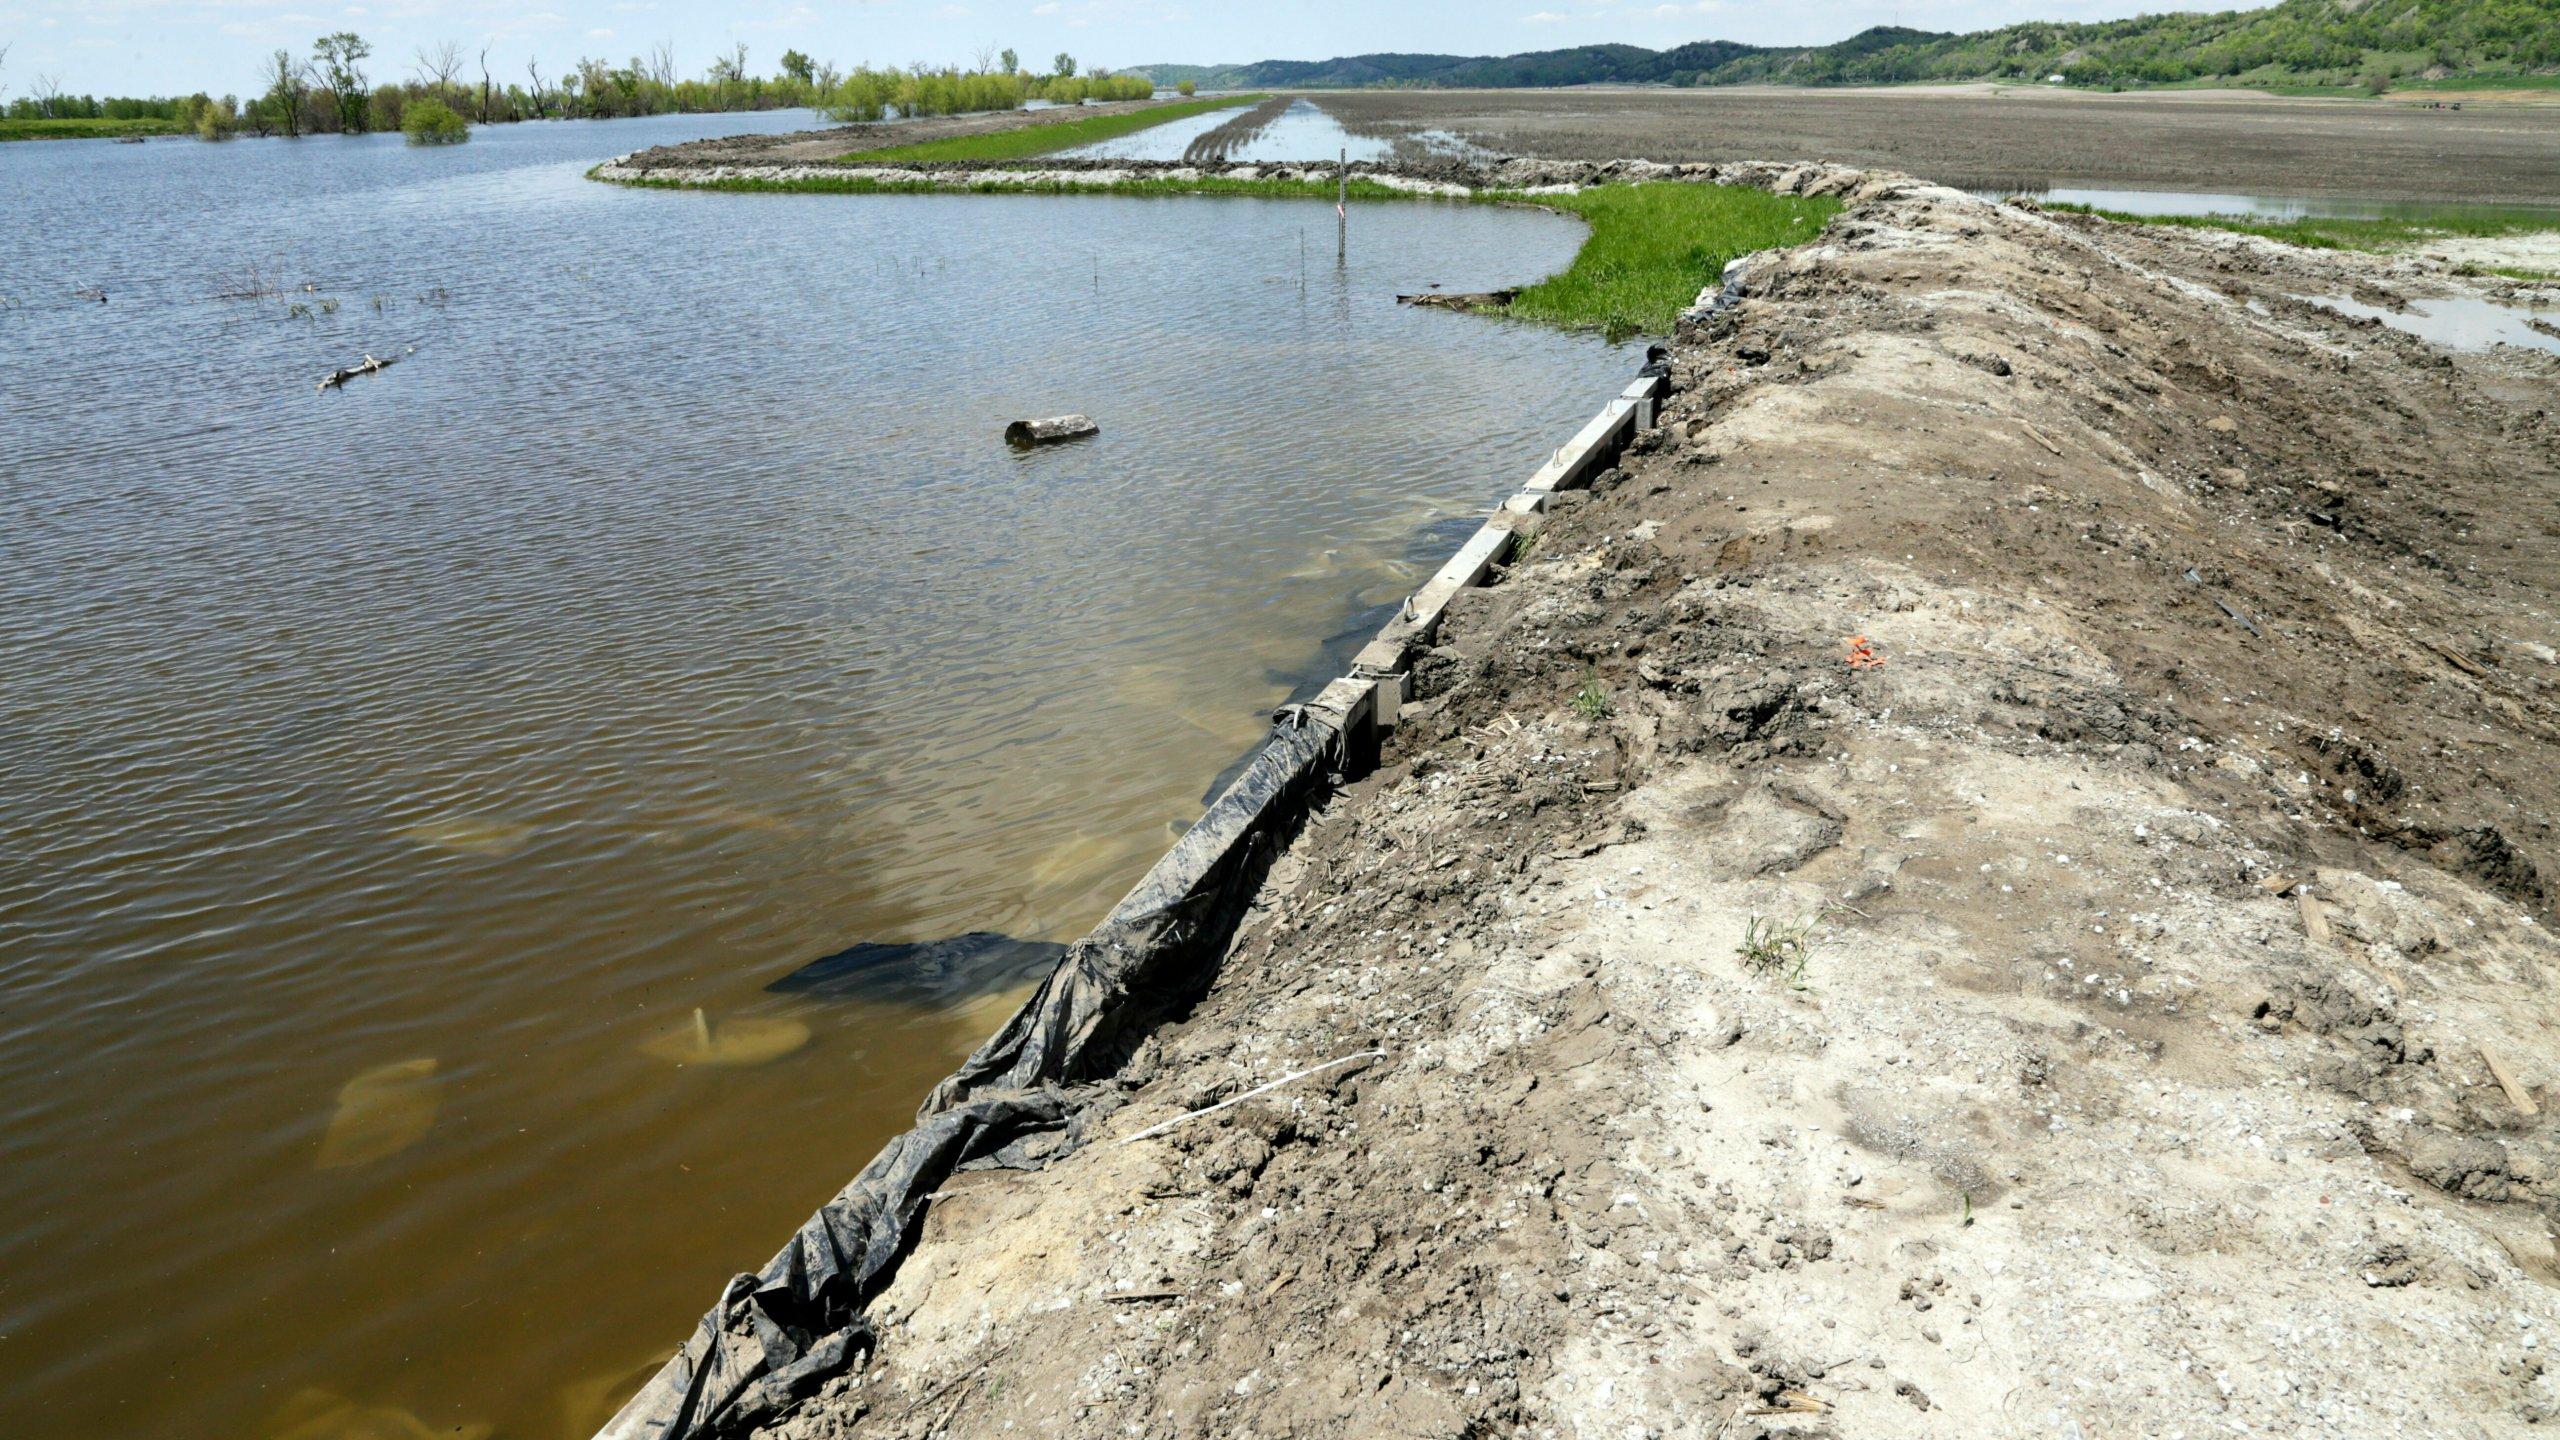 Spring_Flooding_Levee_Repairs_30646-159532.jpg44938455